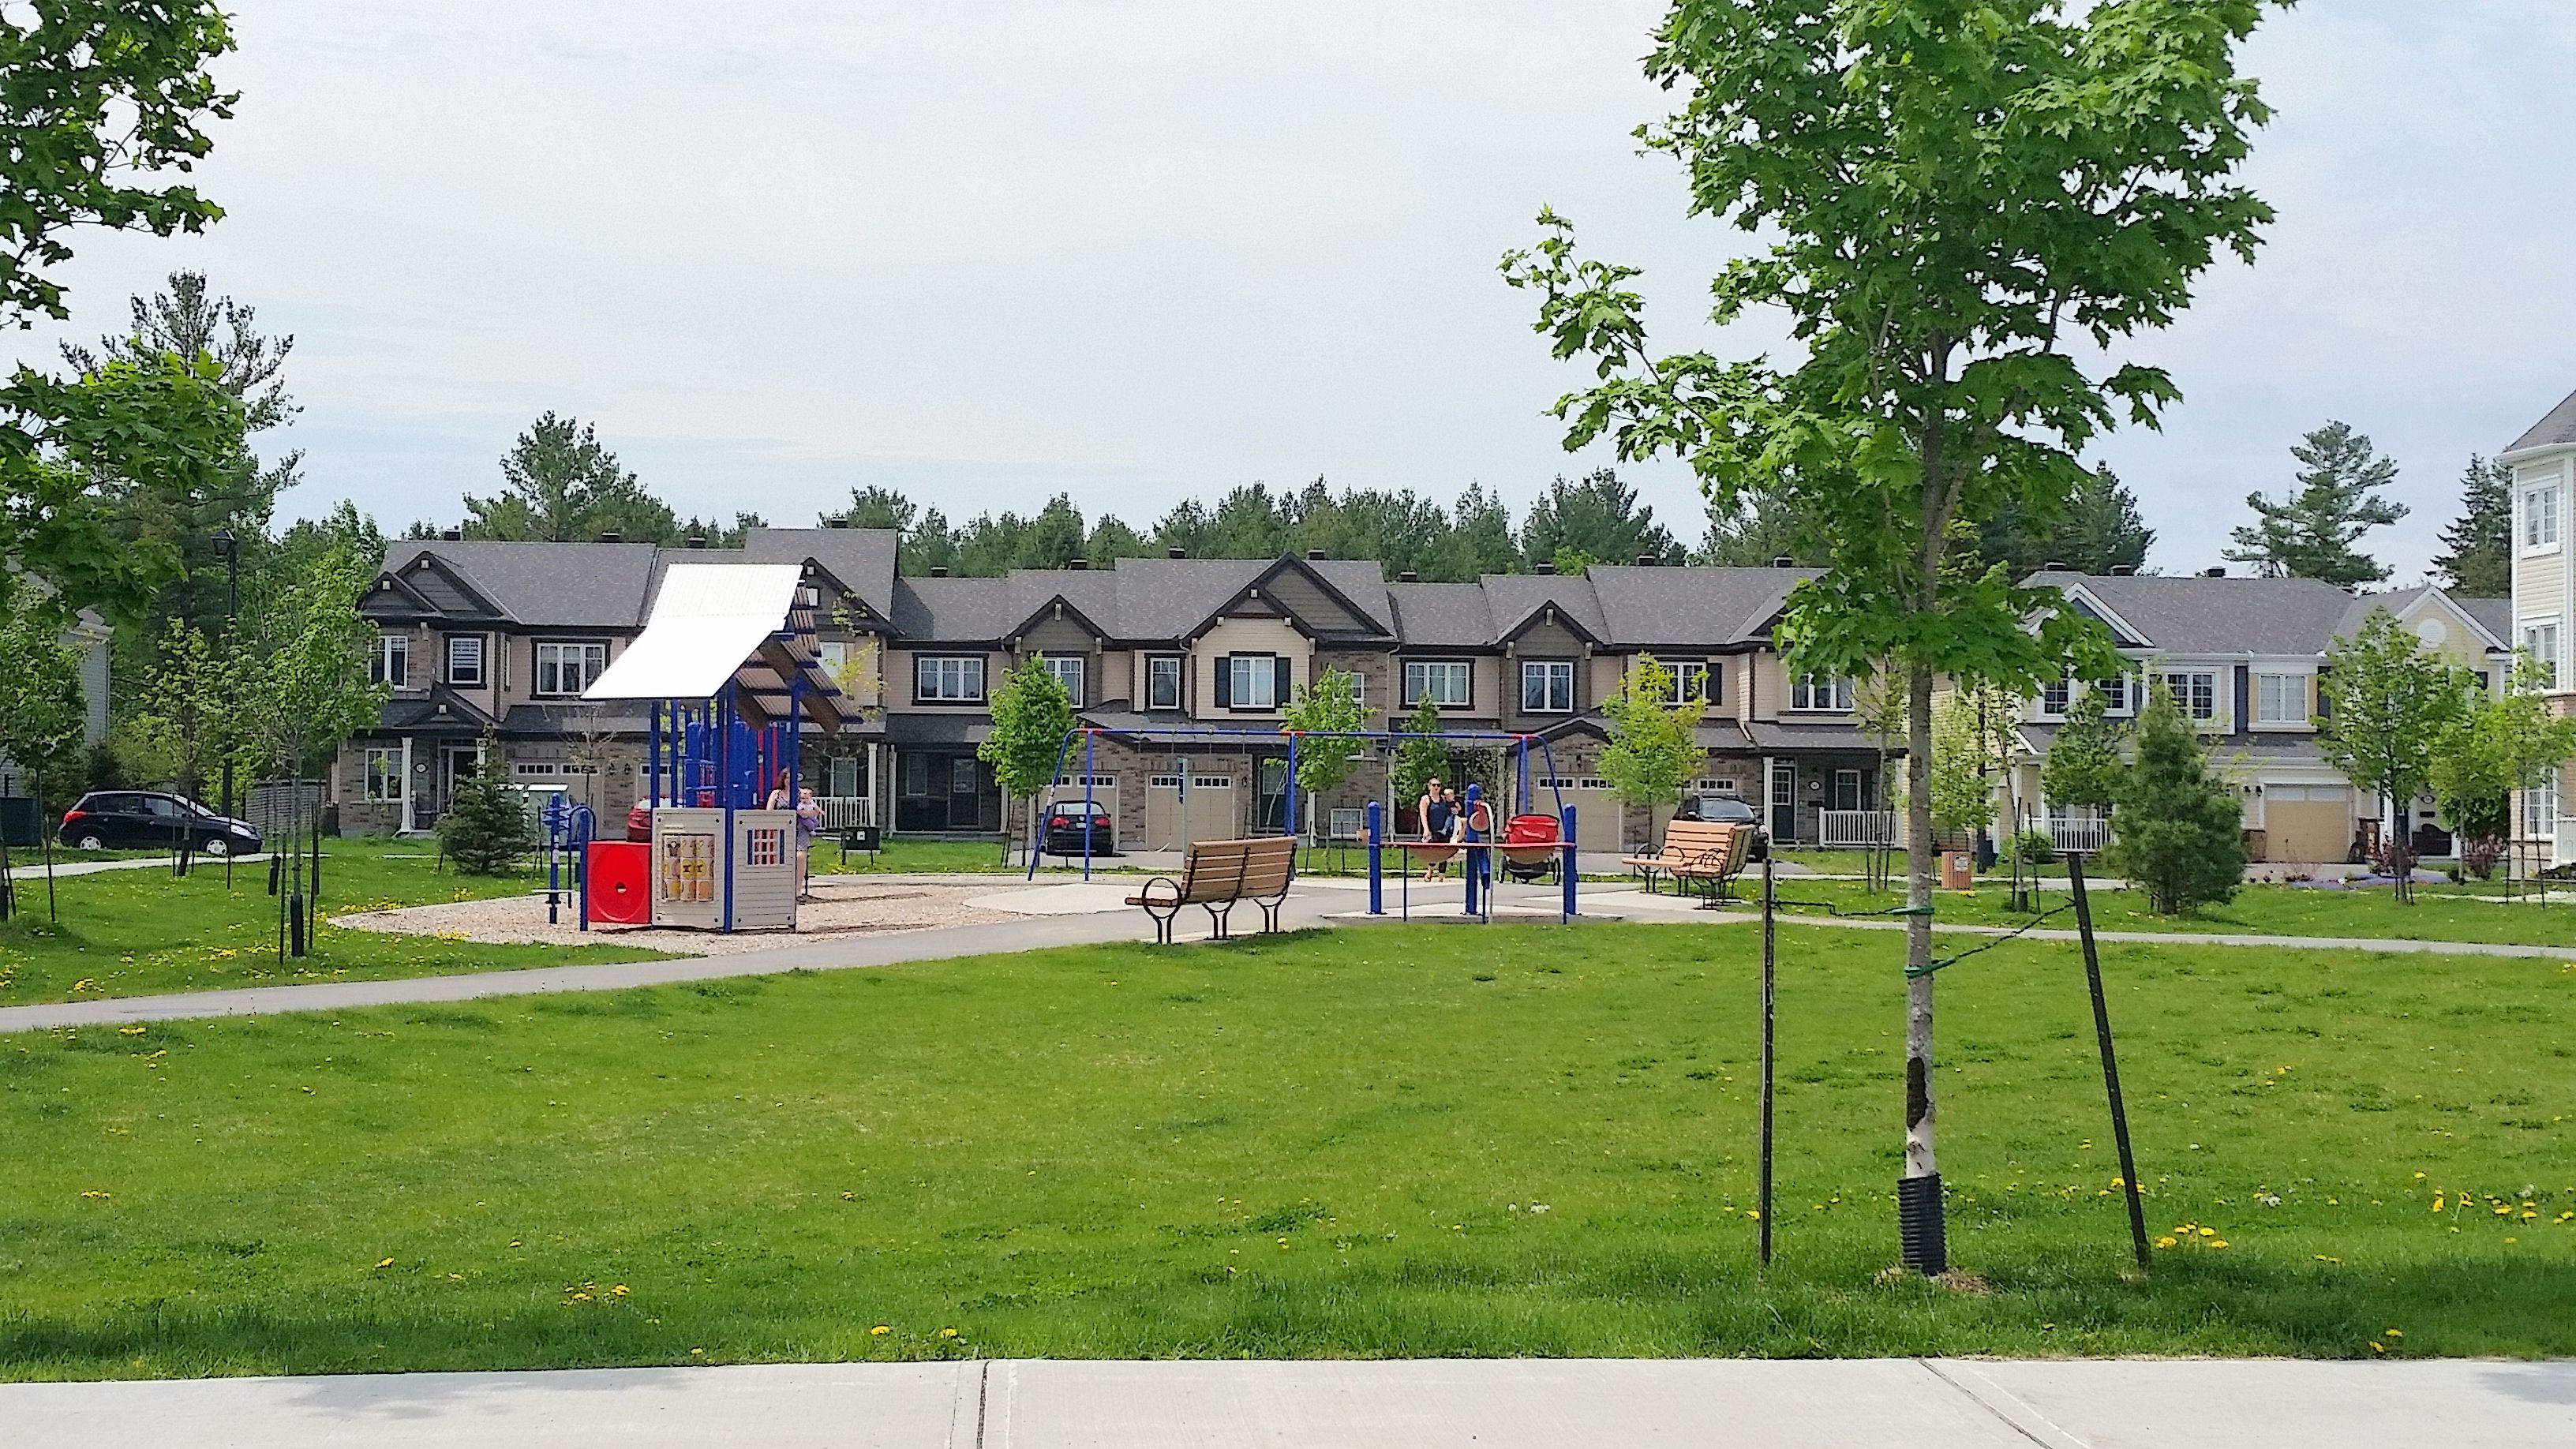 fairwinds-poolecreek houses & park